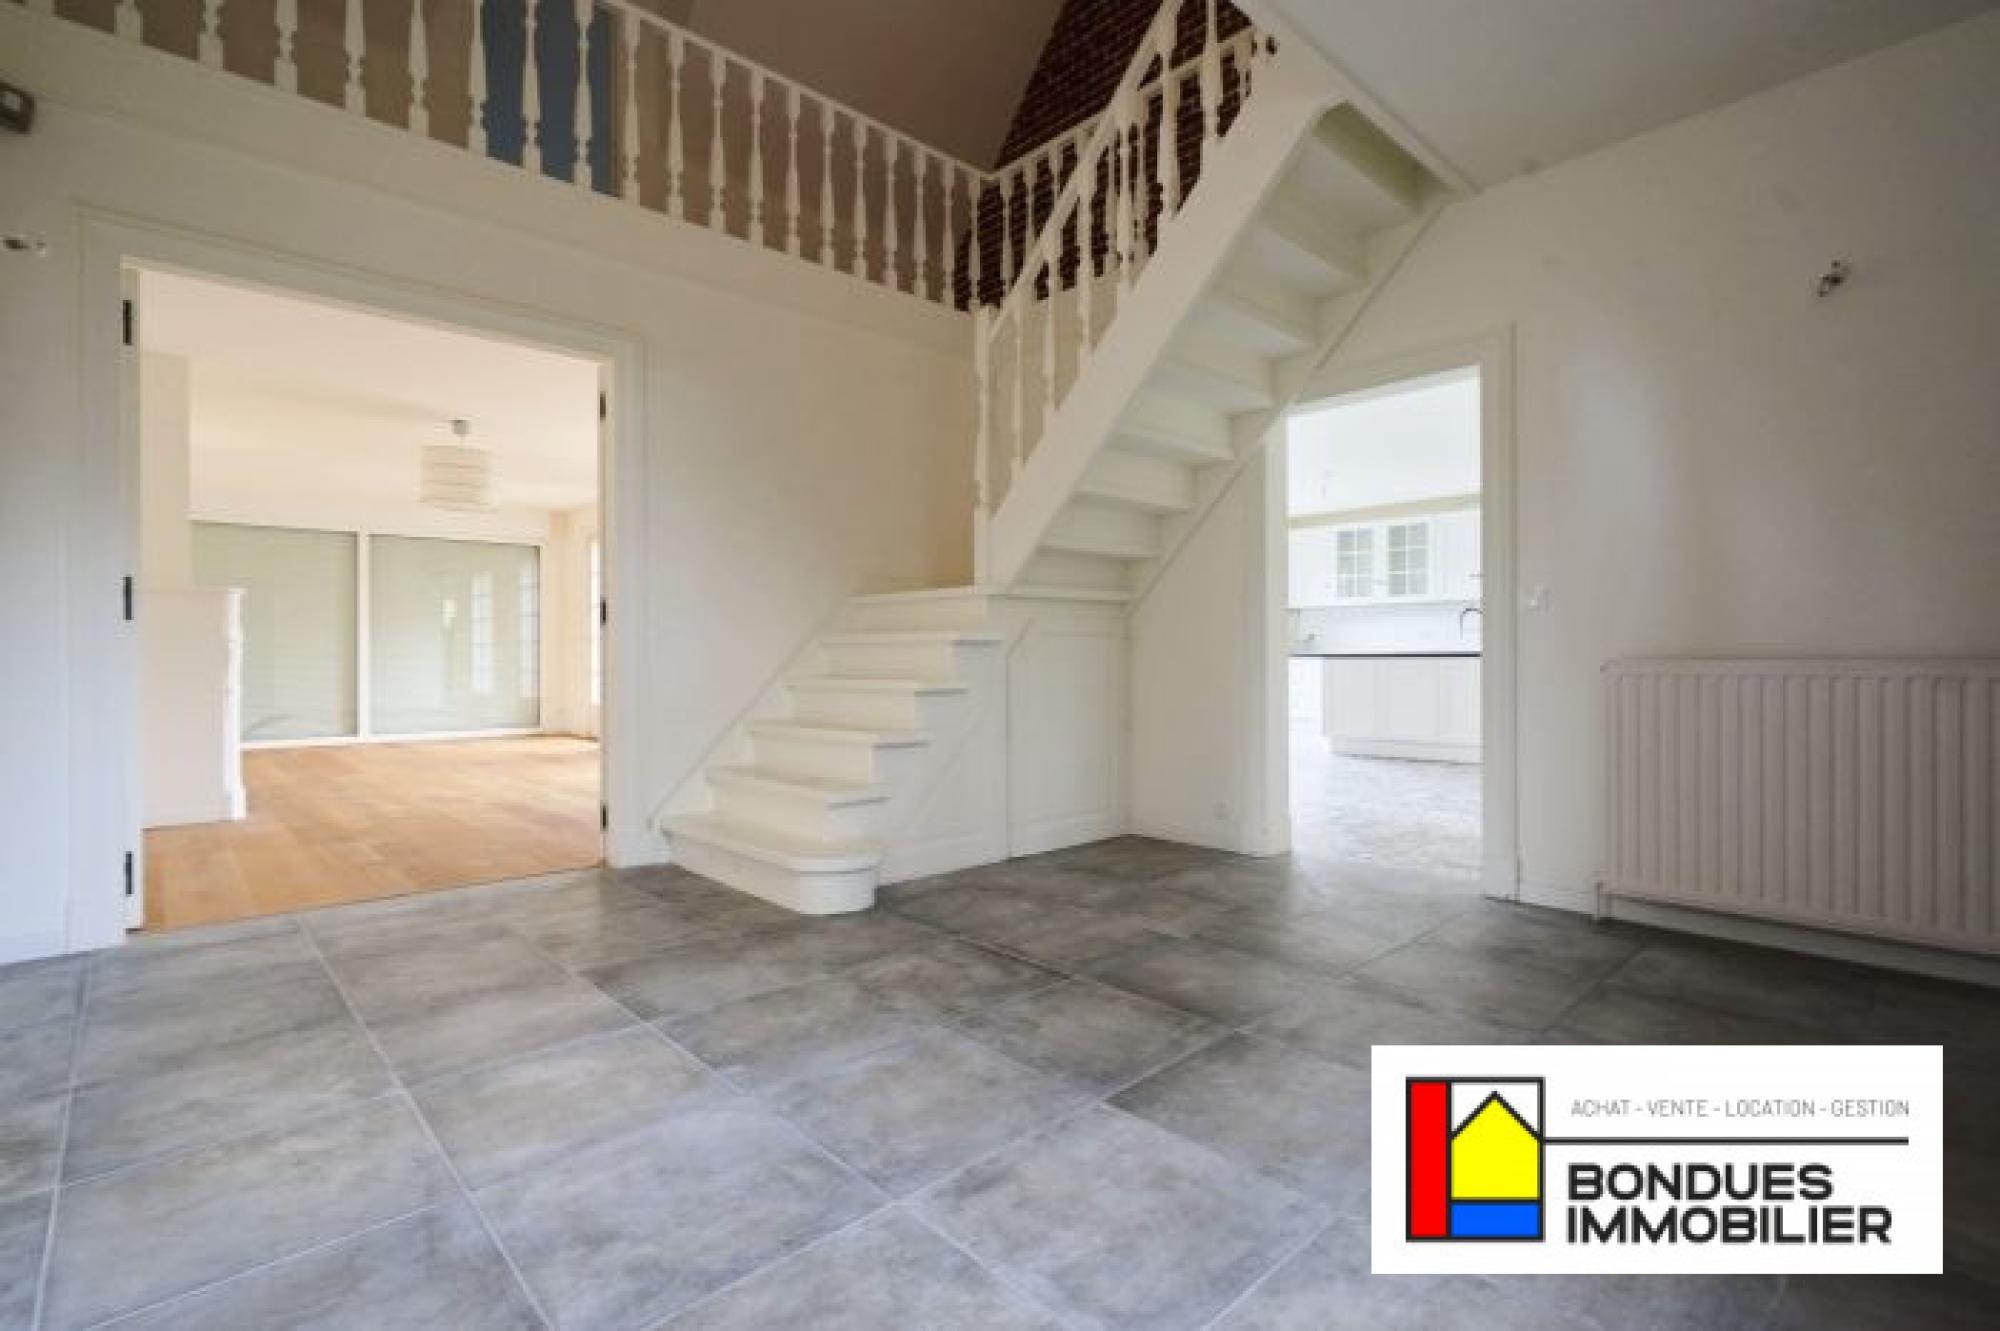 vente maison bondues refVM420 (2)